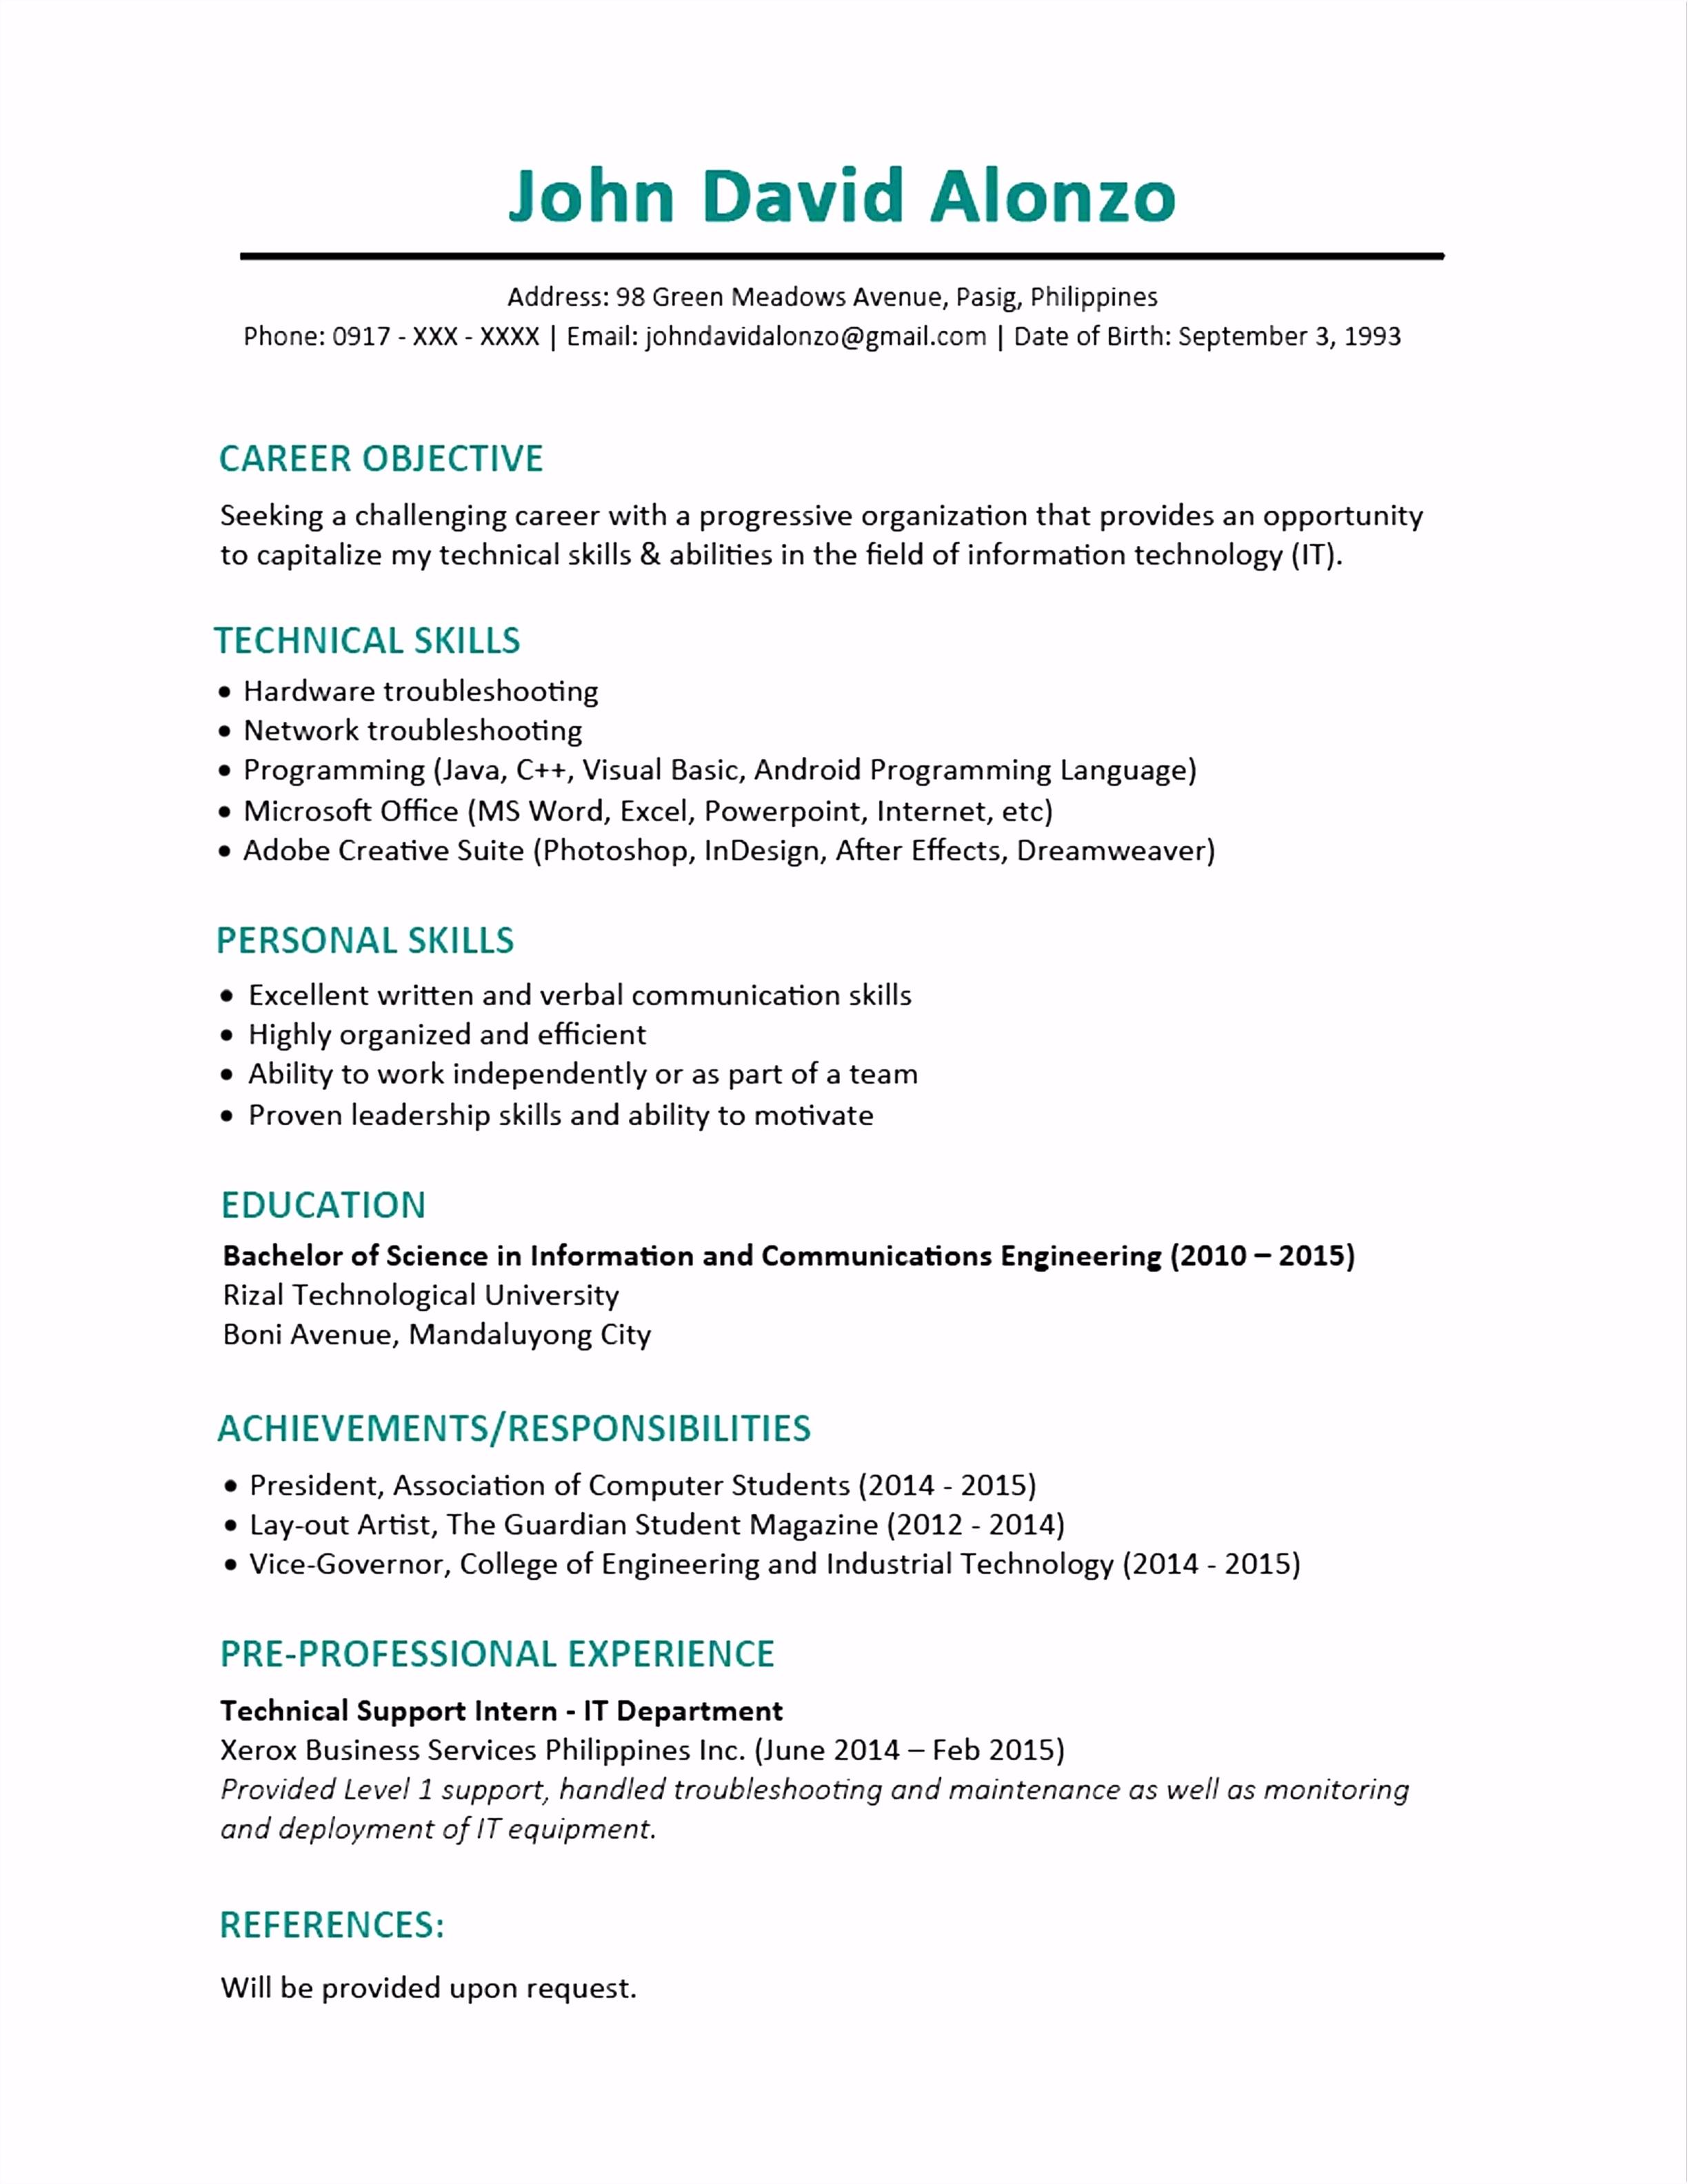 Zeitung Vorlage Indesign Oben Lebenslauf Layout Indesign E2bt56nfh2 K4yd52fehh